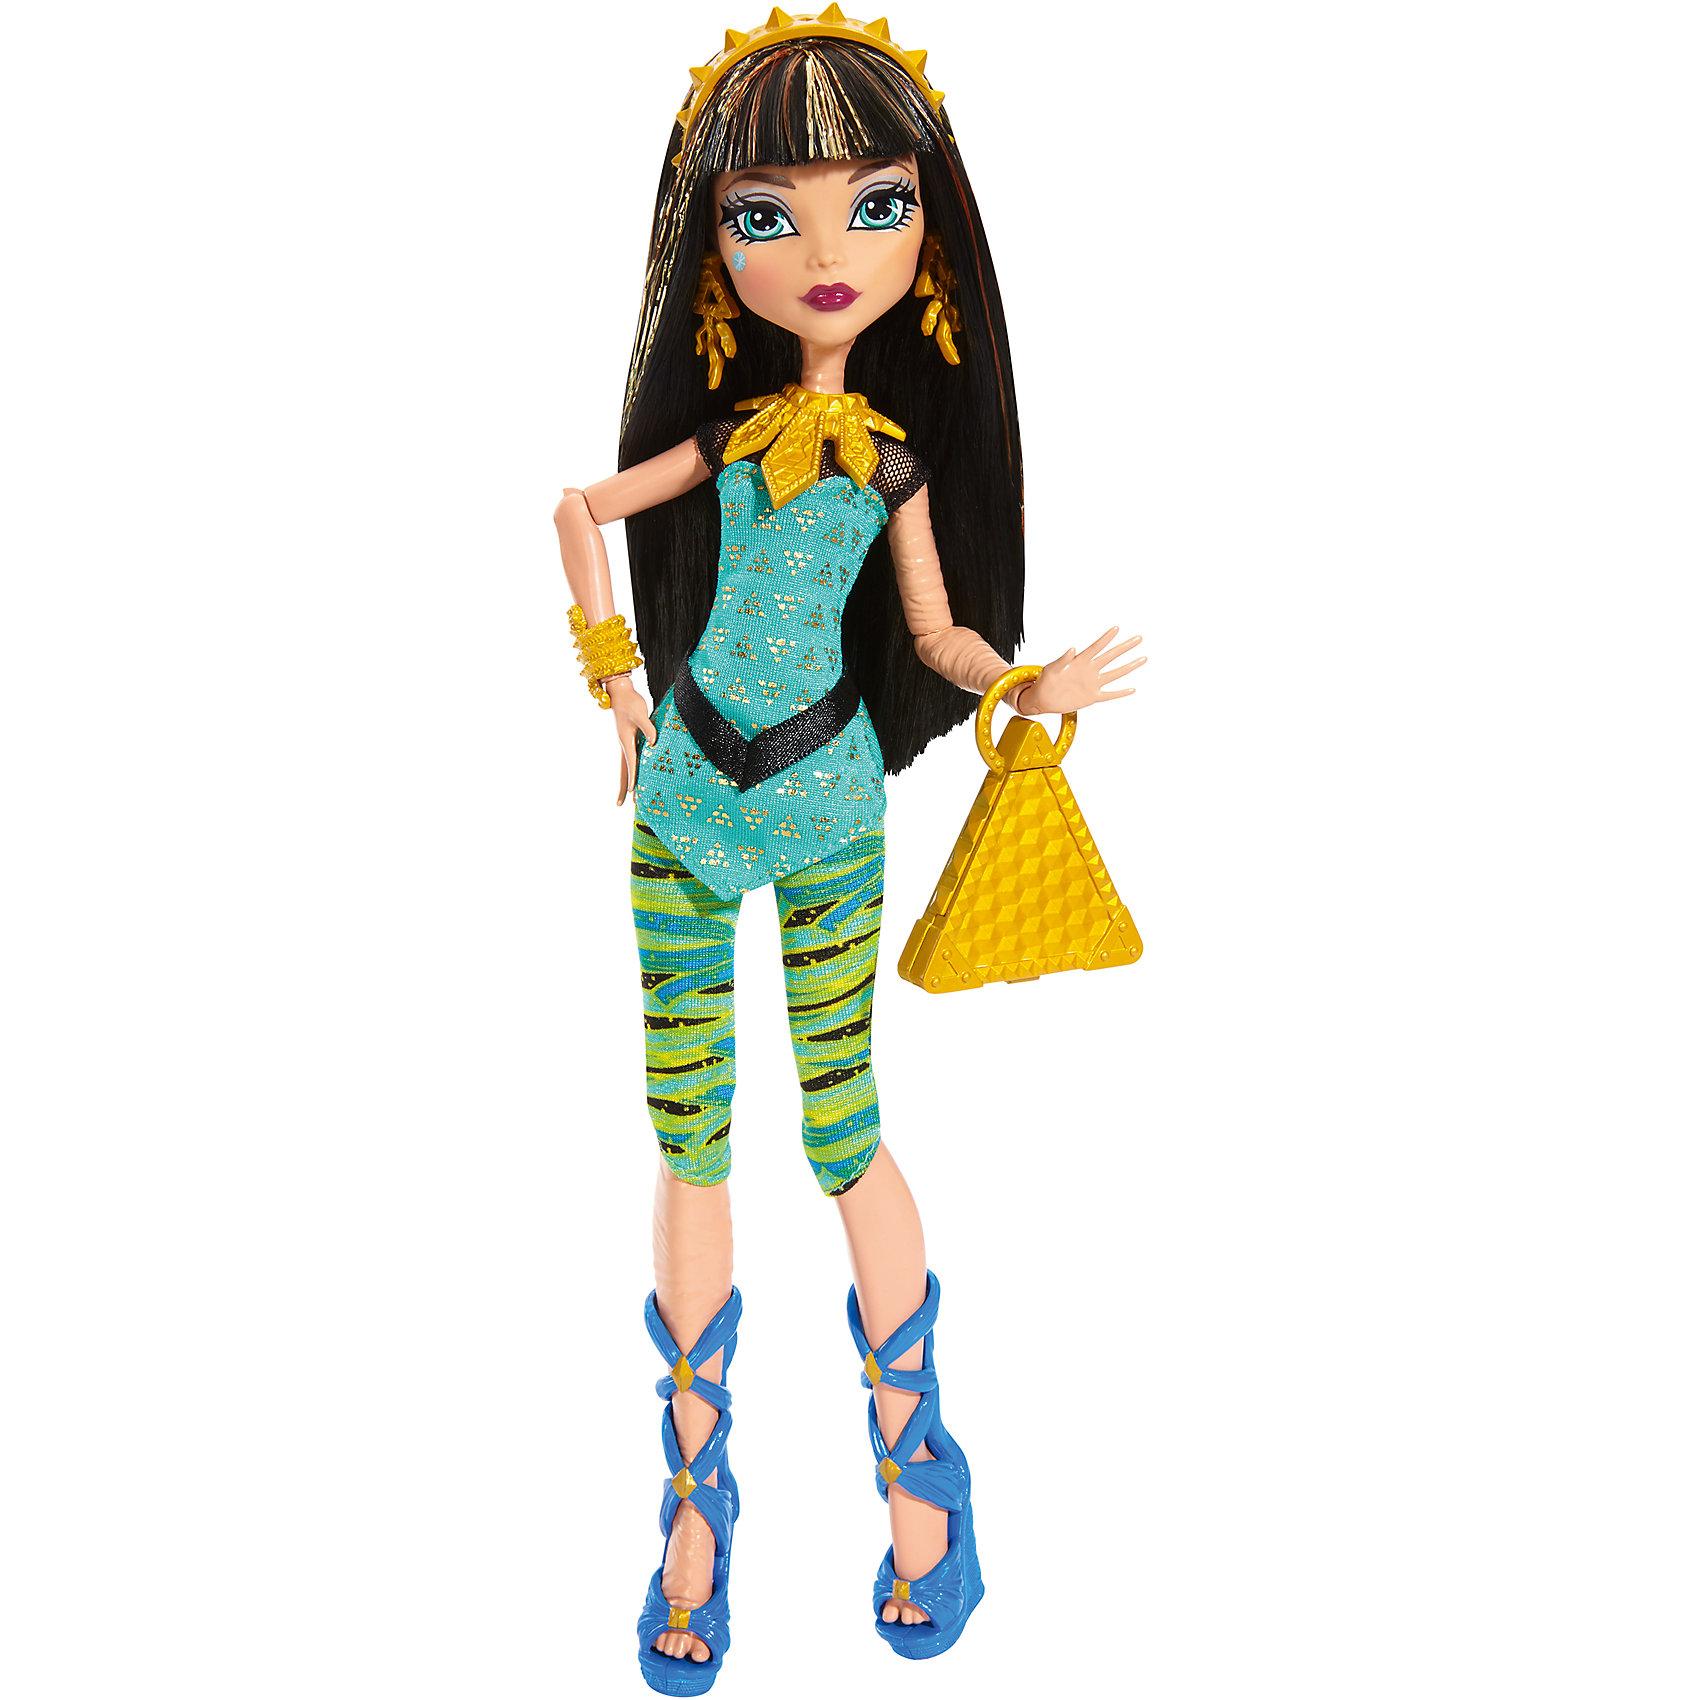 Кукла в модном наряде, Monster HighПопулярные игрушки<br>Кукла в новом наряде  имеет уникальный наряд со съемными аксессуарами: ожерельем,сумочкой,туфлями. Благодаря этому, ребёнок сможет создать не один образ для куклы. С ней девочка придумает собственную фантастическую историю о куклах-монстрах. Необычность куклы развивает фантазию ребенка, а так же игра с ней подарит море положительных эмоций. <br>В товар входит:<br>-кукла<br>-аксессуары<br><br>Дополнительная информация:<br>-Размер упаковки:33 х 15 х6<br>-Вес:258 г<br>-Состав: текстиль, пластмасса<br>-Для девочек от 6 лет<br>-Марка: Mattel<br><br>Ширина мм: 339<br>Глубина мм: 154<br>Высота мм: 66<br>Вес г: 187<br>Возраст от месяцев: 72<br>Возраст до месяцев: 120<br>Пол: Женский<br>Возраст: Детский<br>SKU: 4973466